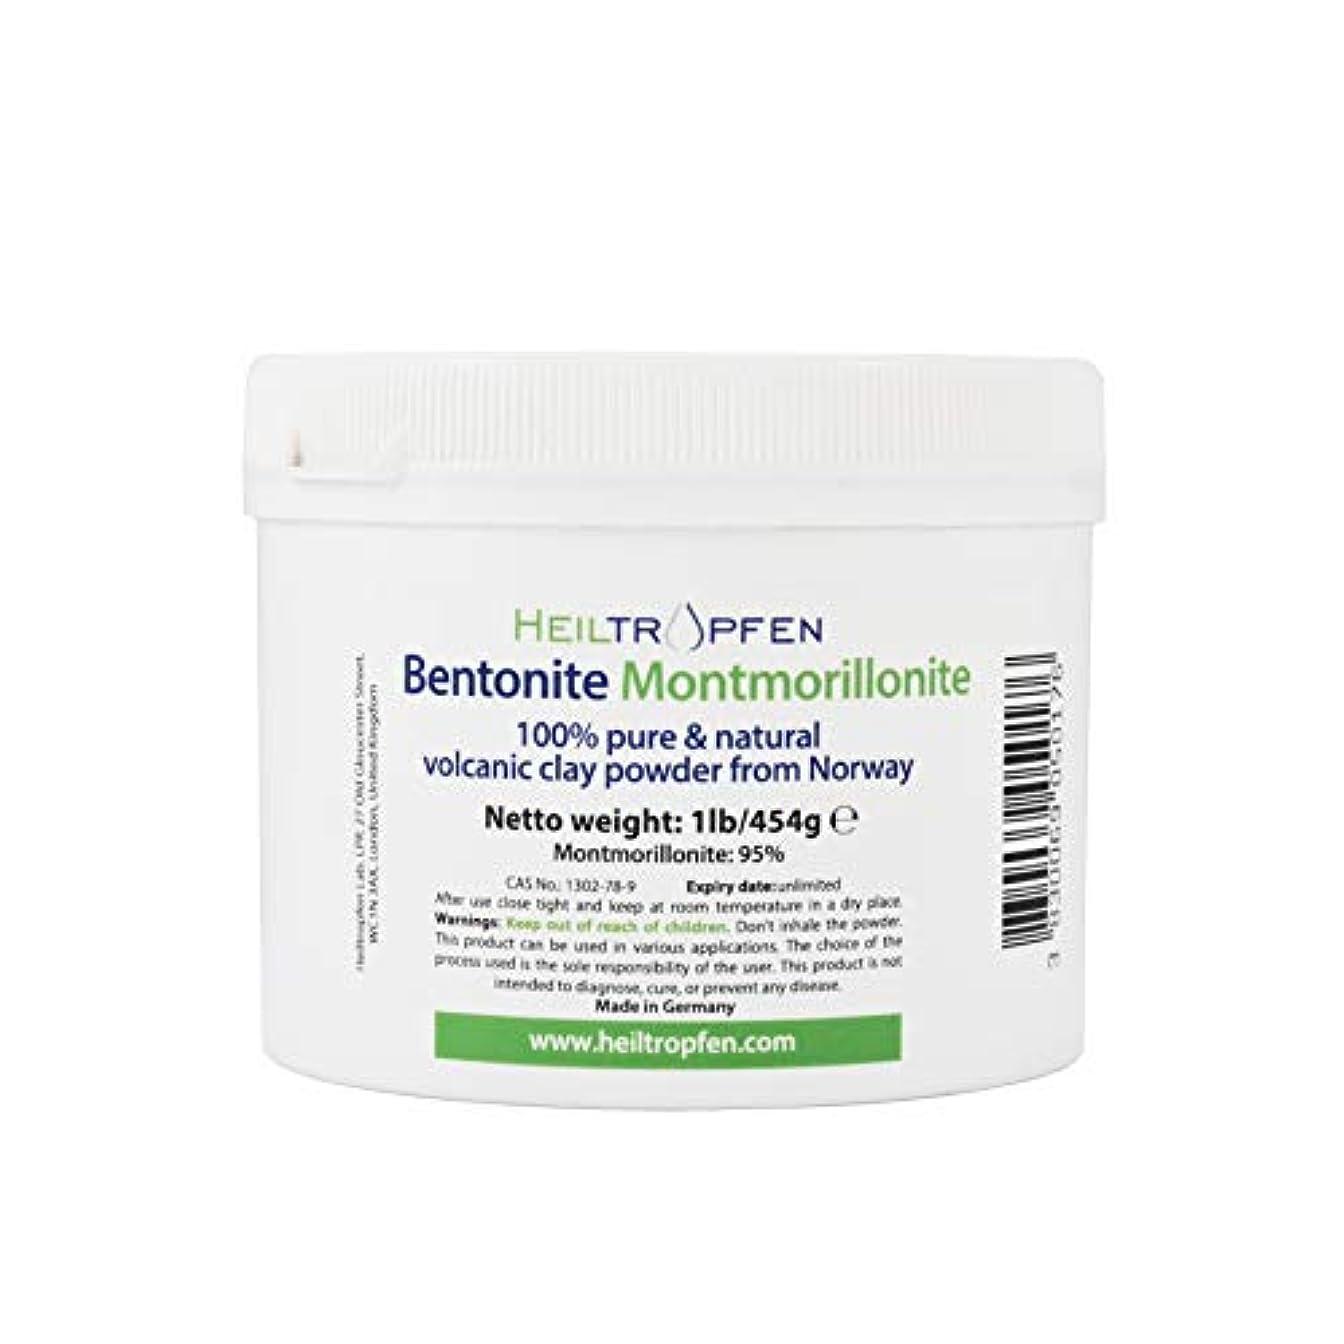 入場料航空会社シュリンクベントナイトモンモリロナイトパウダー、1lb-454g、ウルトラファイン、モンモリロナイト含有量:95%、天然ミネラルダスト。bentonite